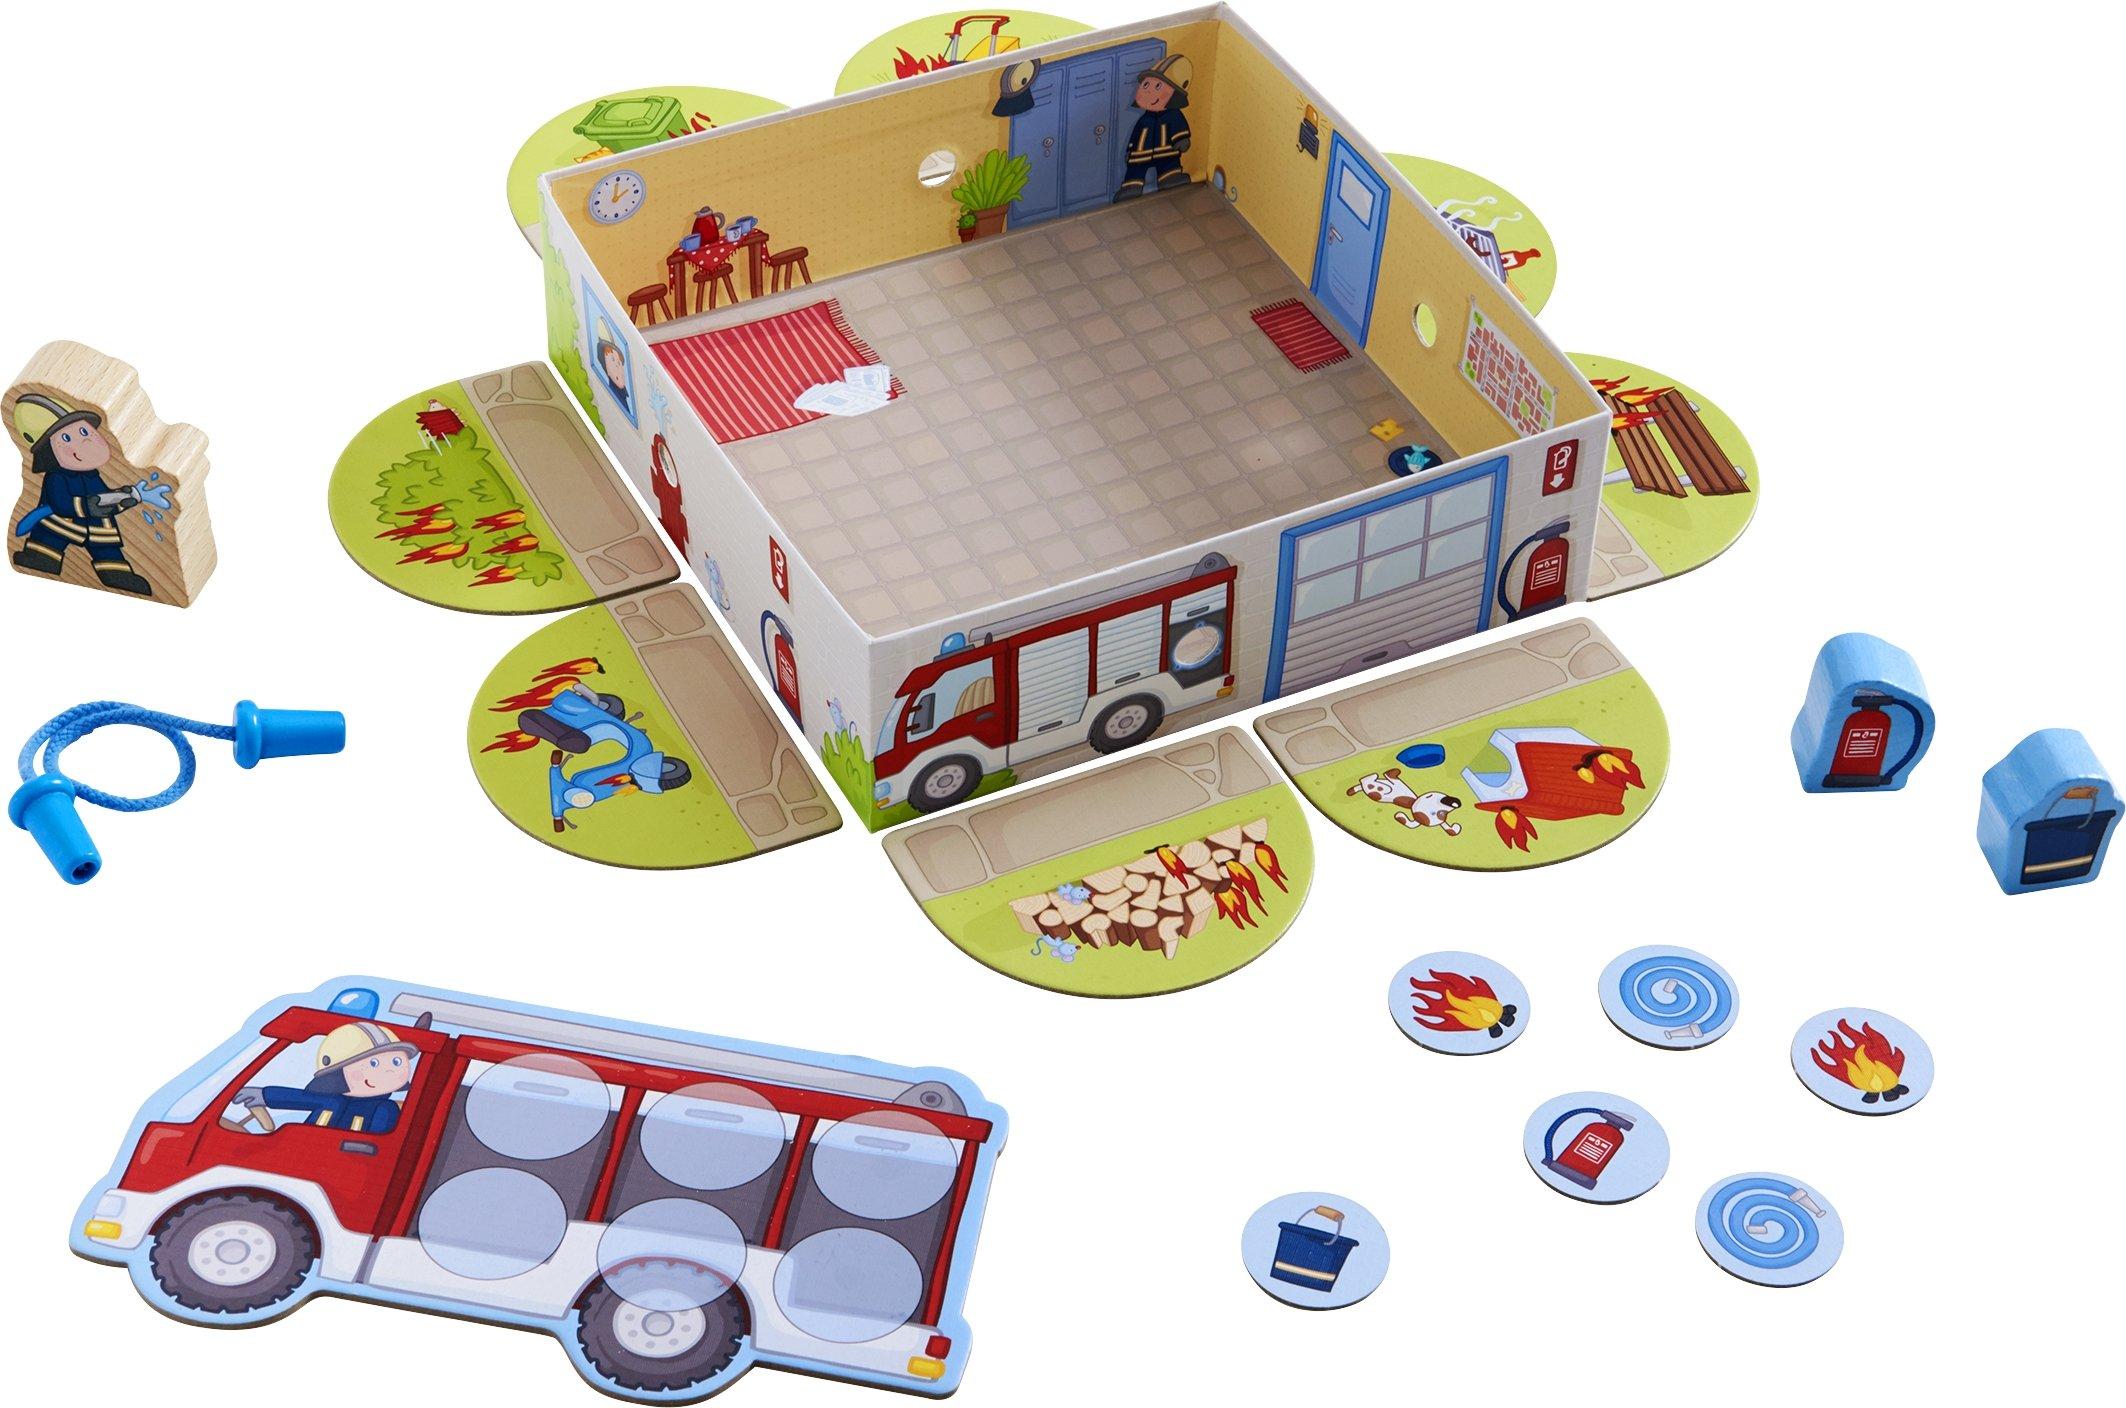 HABA-303807-Meine-ersten-Spiele–Feuerwehr-Spannendes-Memospiel-fr-1-4-Spieler-ab-2-Jahren-Spieleschachtel-wird-zur-bespielbaren-Feuerwache